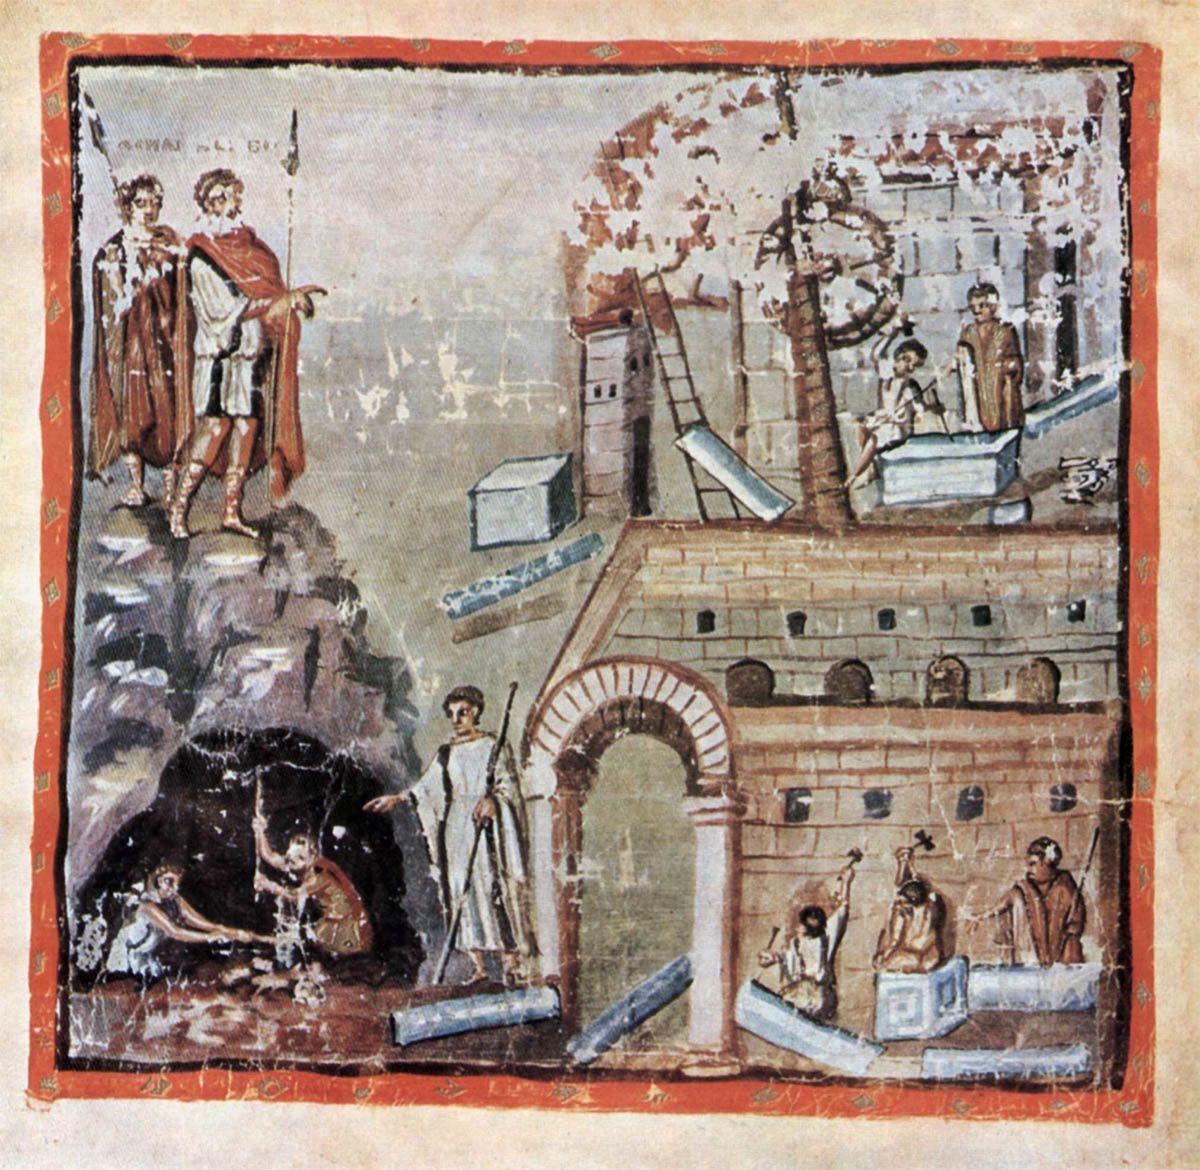 Afbeeldingsresultaat voor Vergilius wikimedia